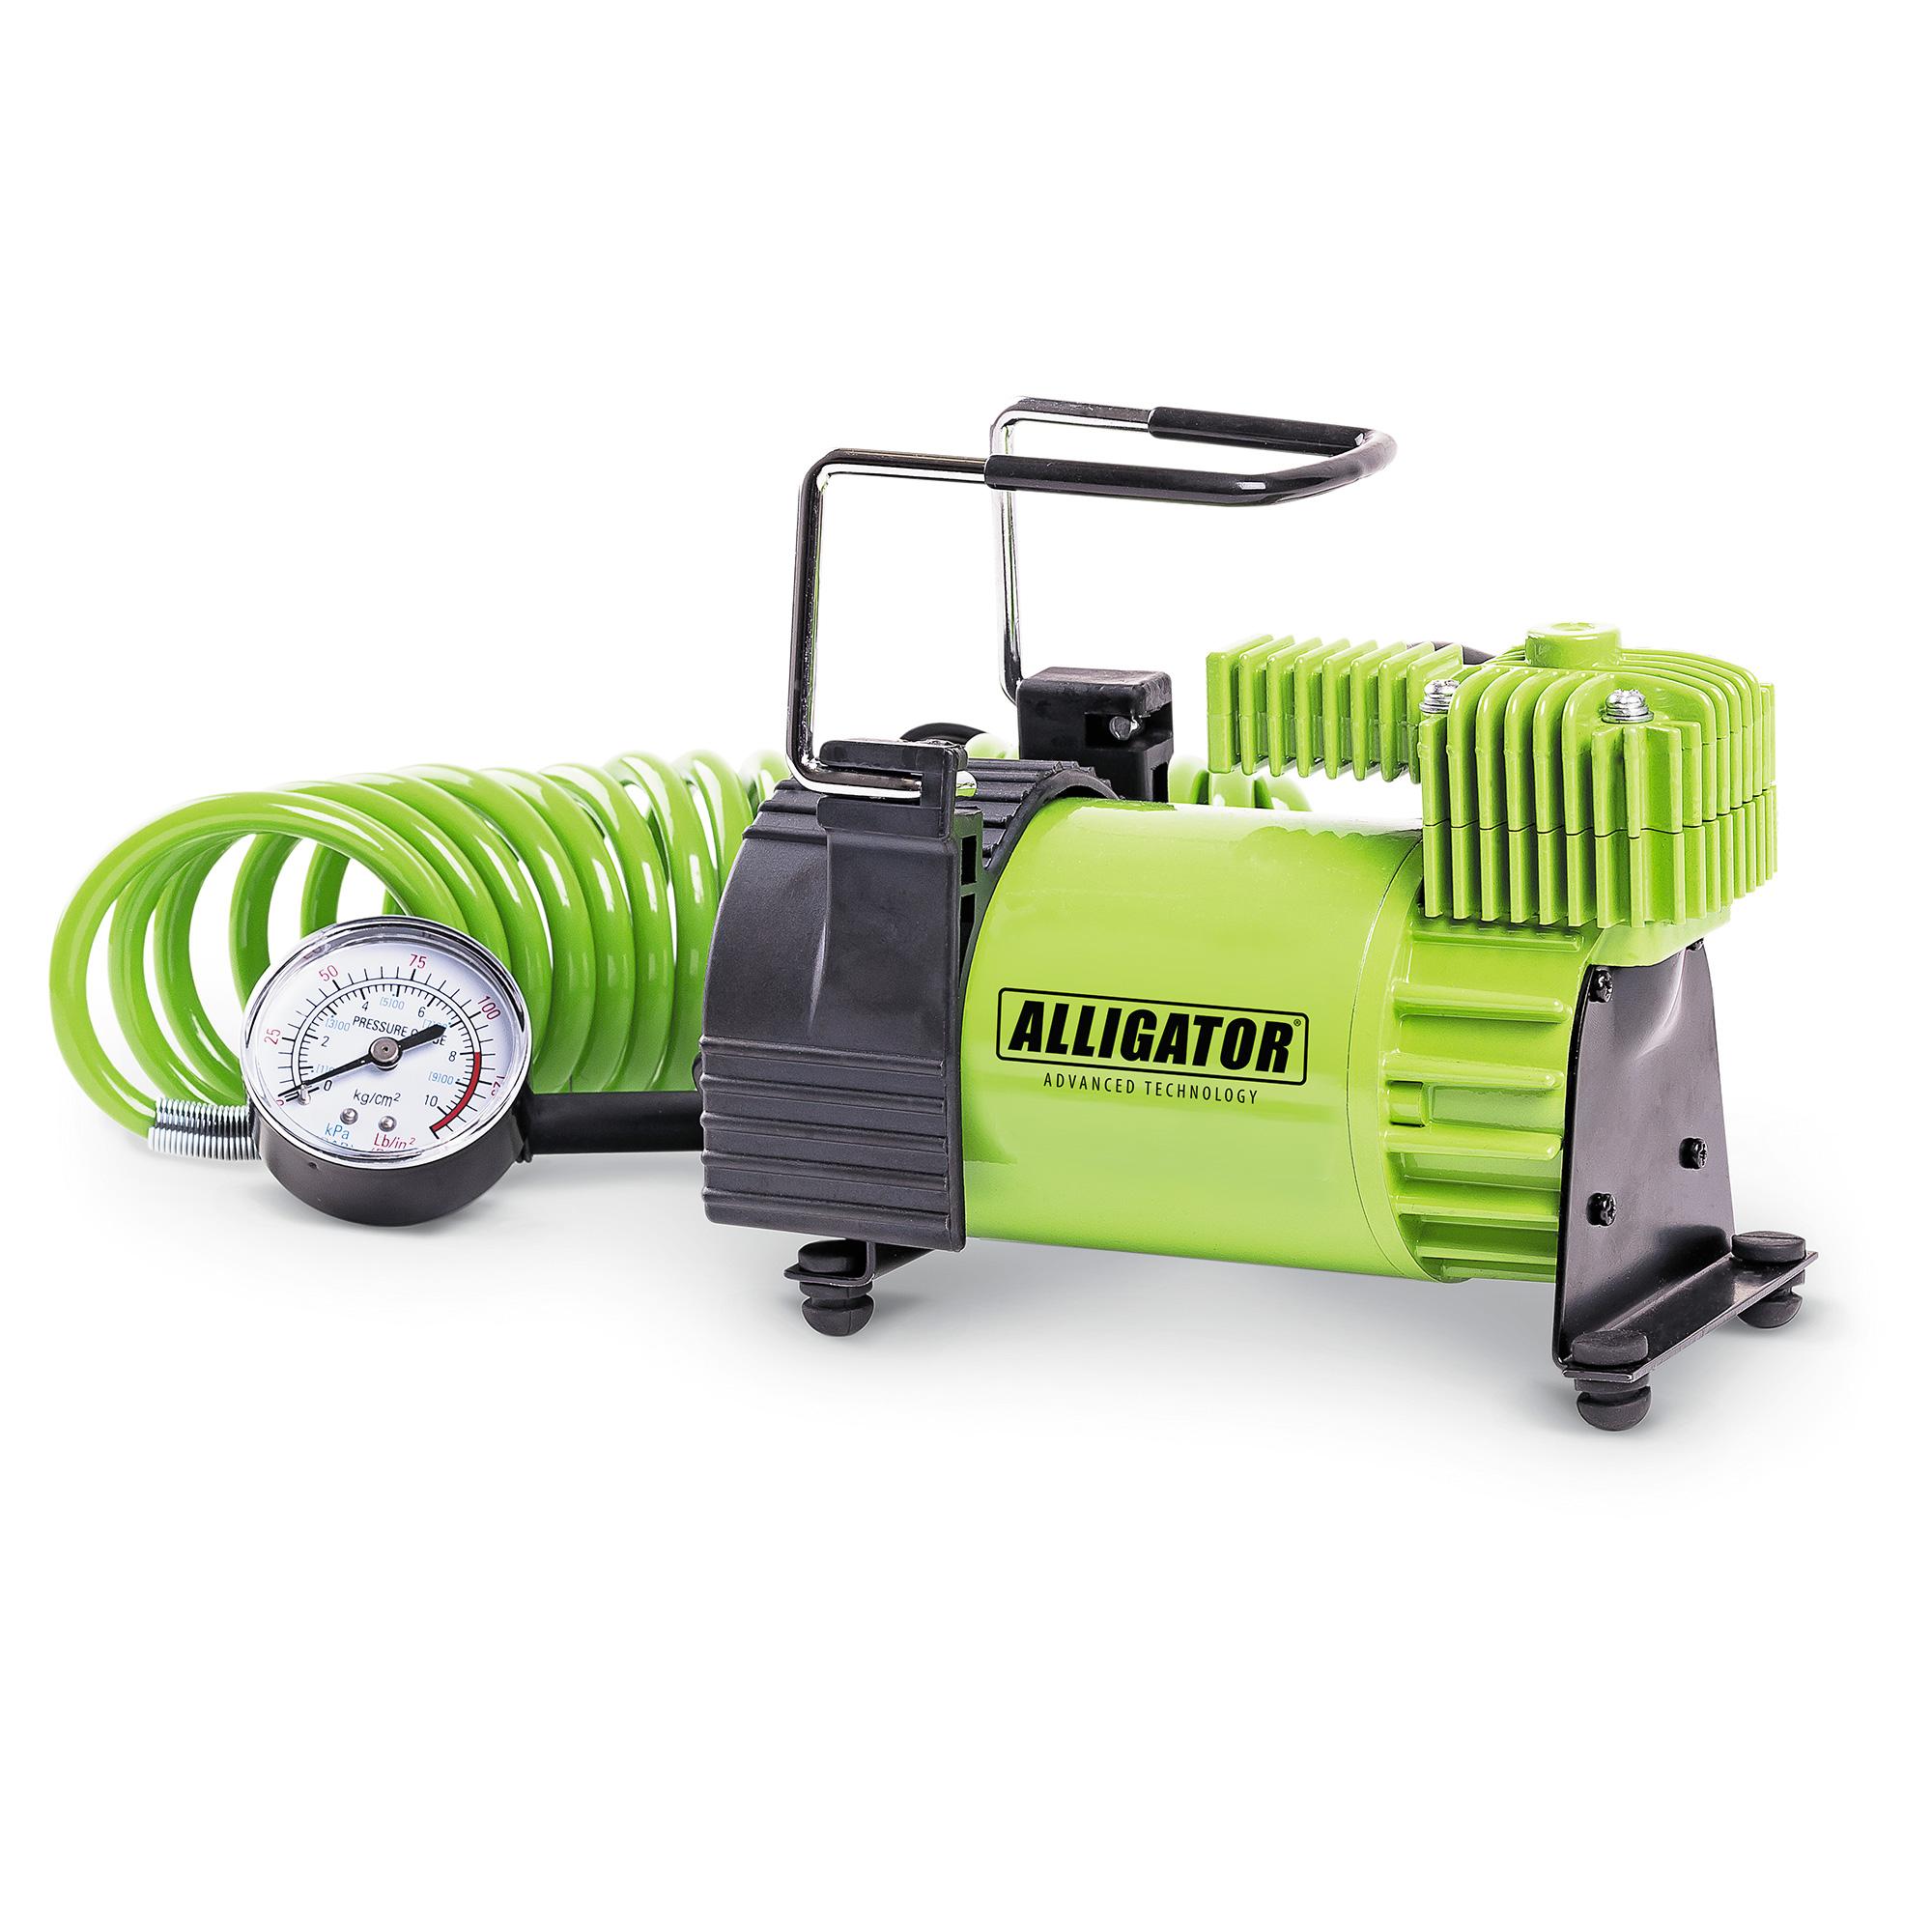 Фото - Компрессор Alligator Al-400 компрессор автомобильный alligator с защитой от перегрева al 400